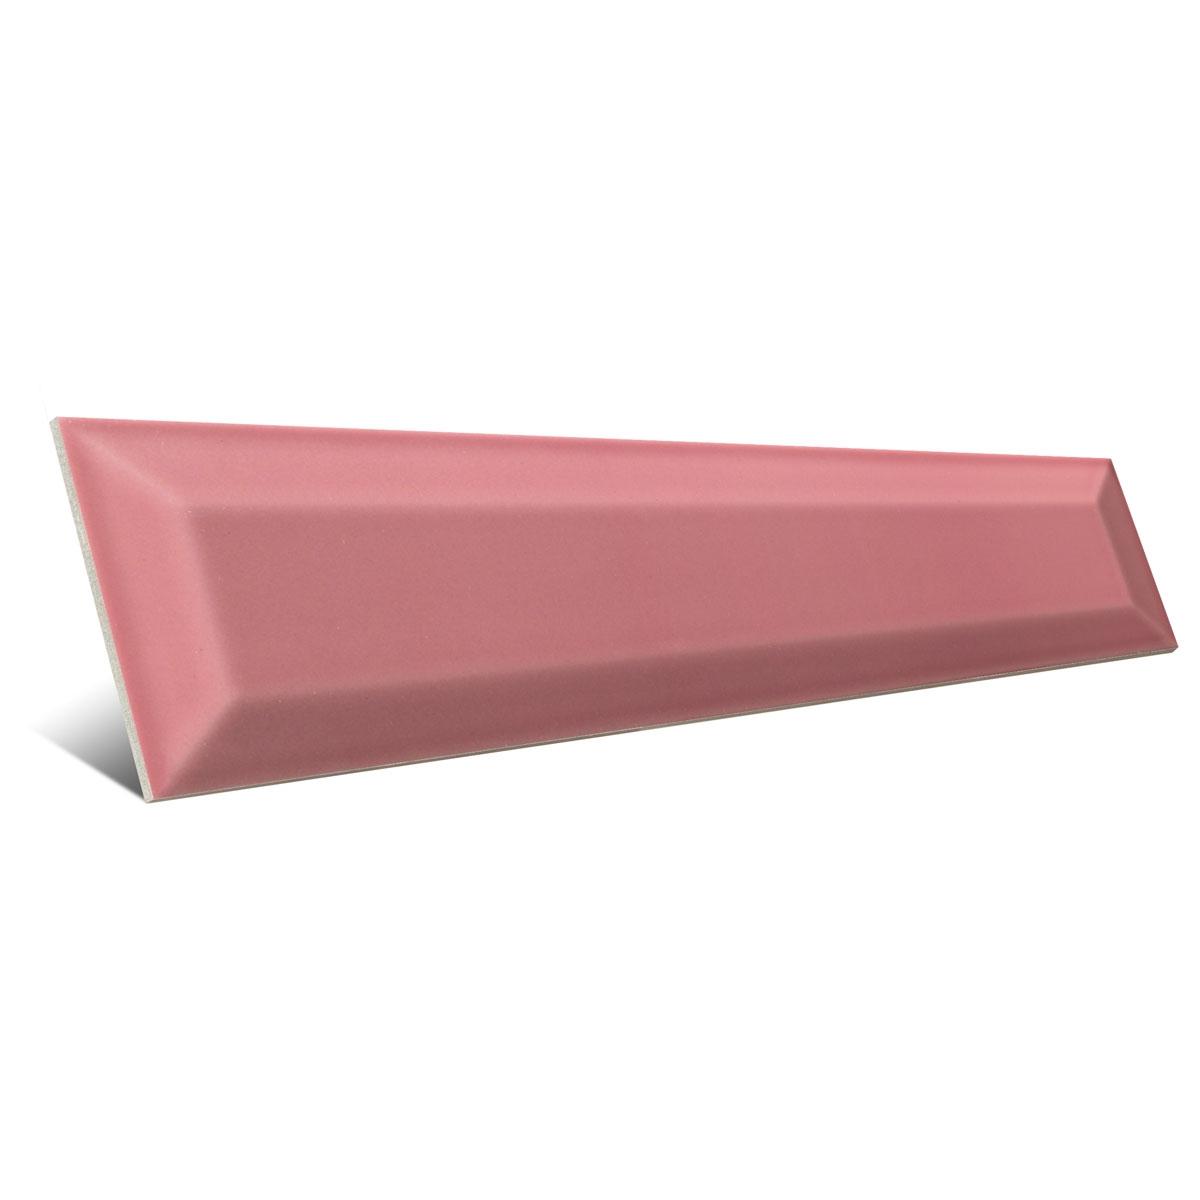 Settecento bissel rosso brillo 7.5x30 cm